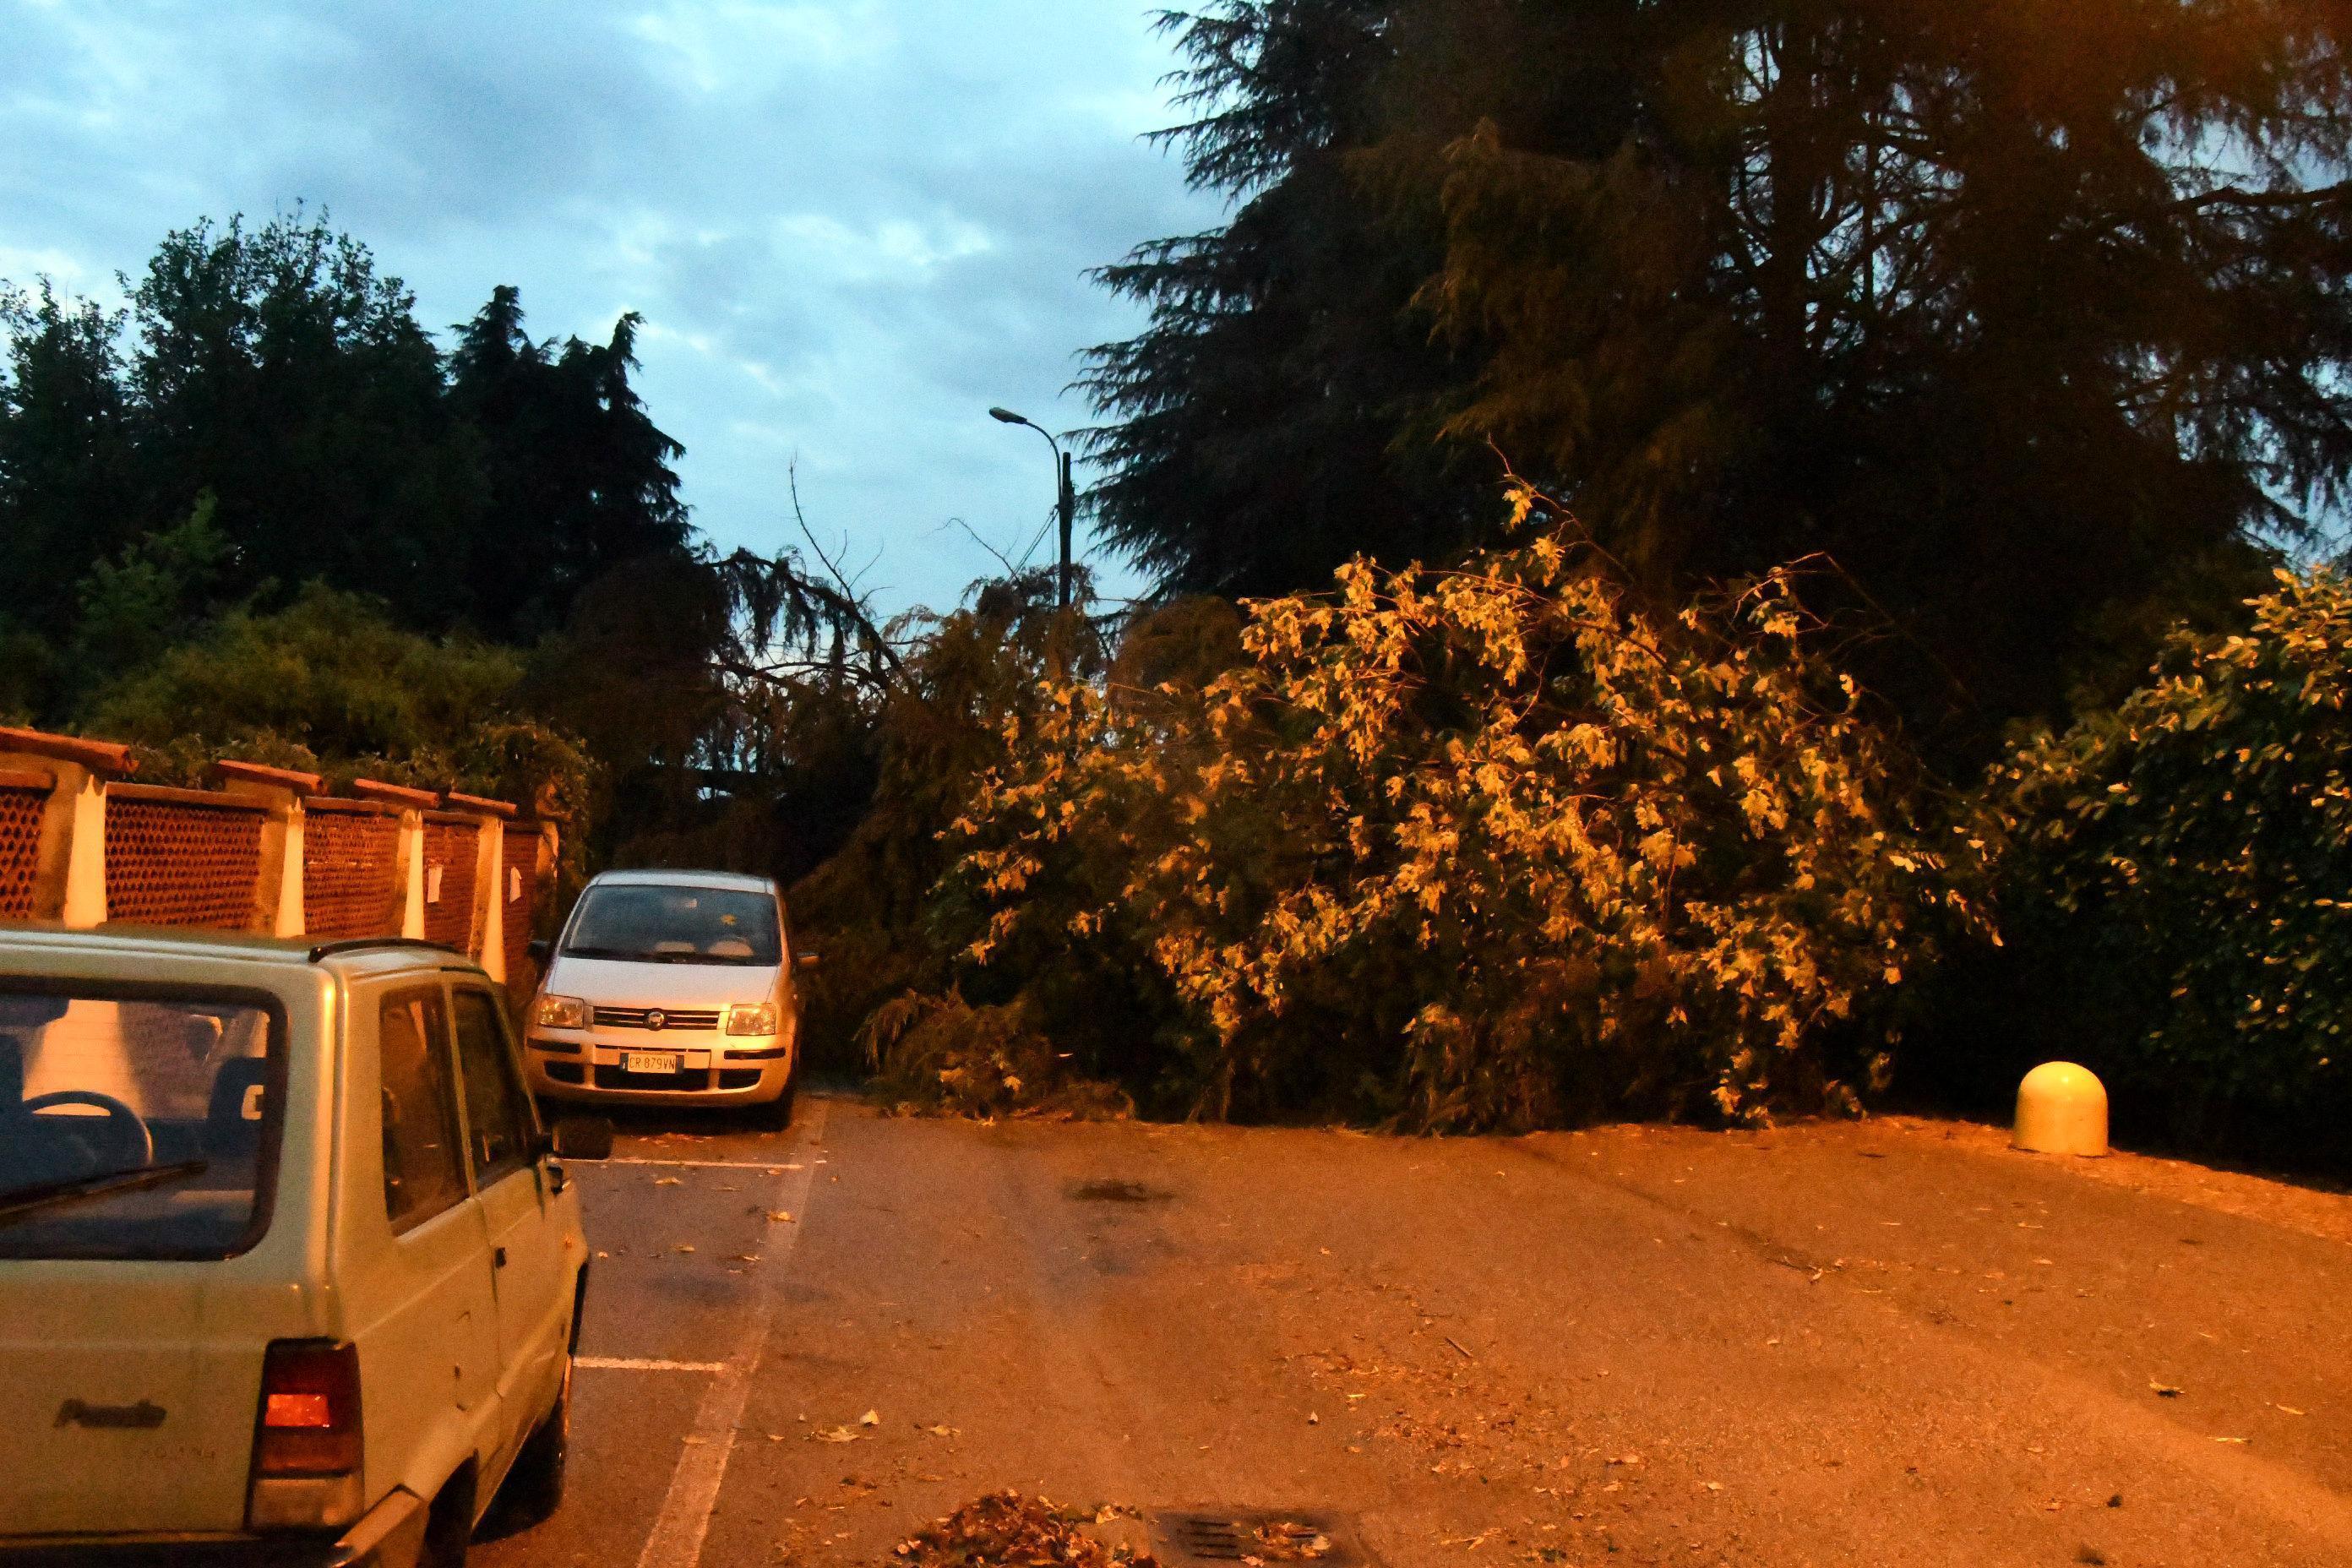 Una tromba d'aria ha scoperchiato i tetti delle case a Pozzo d'Adda, in provincia di Milano. Esonda il